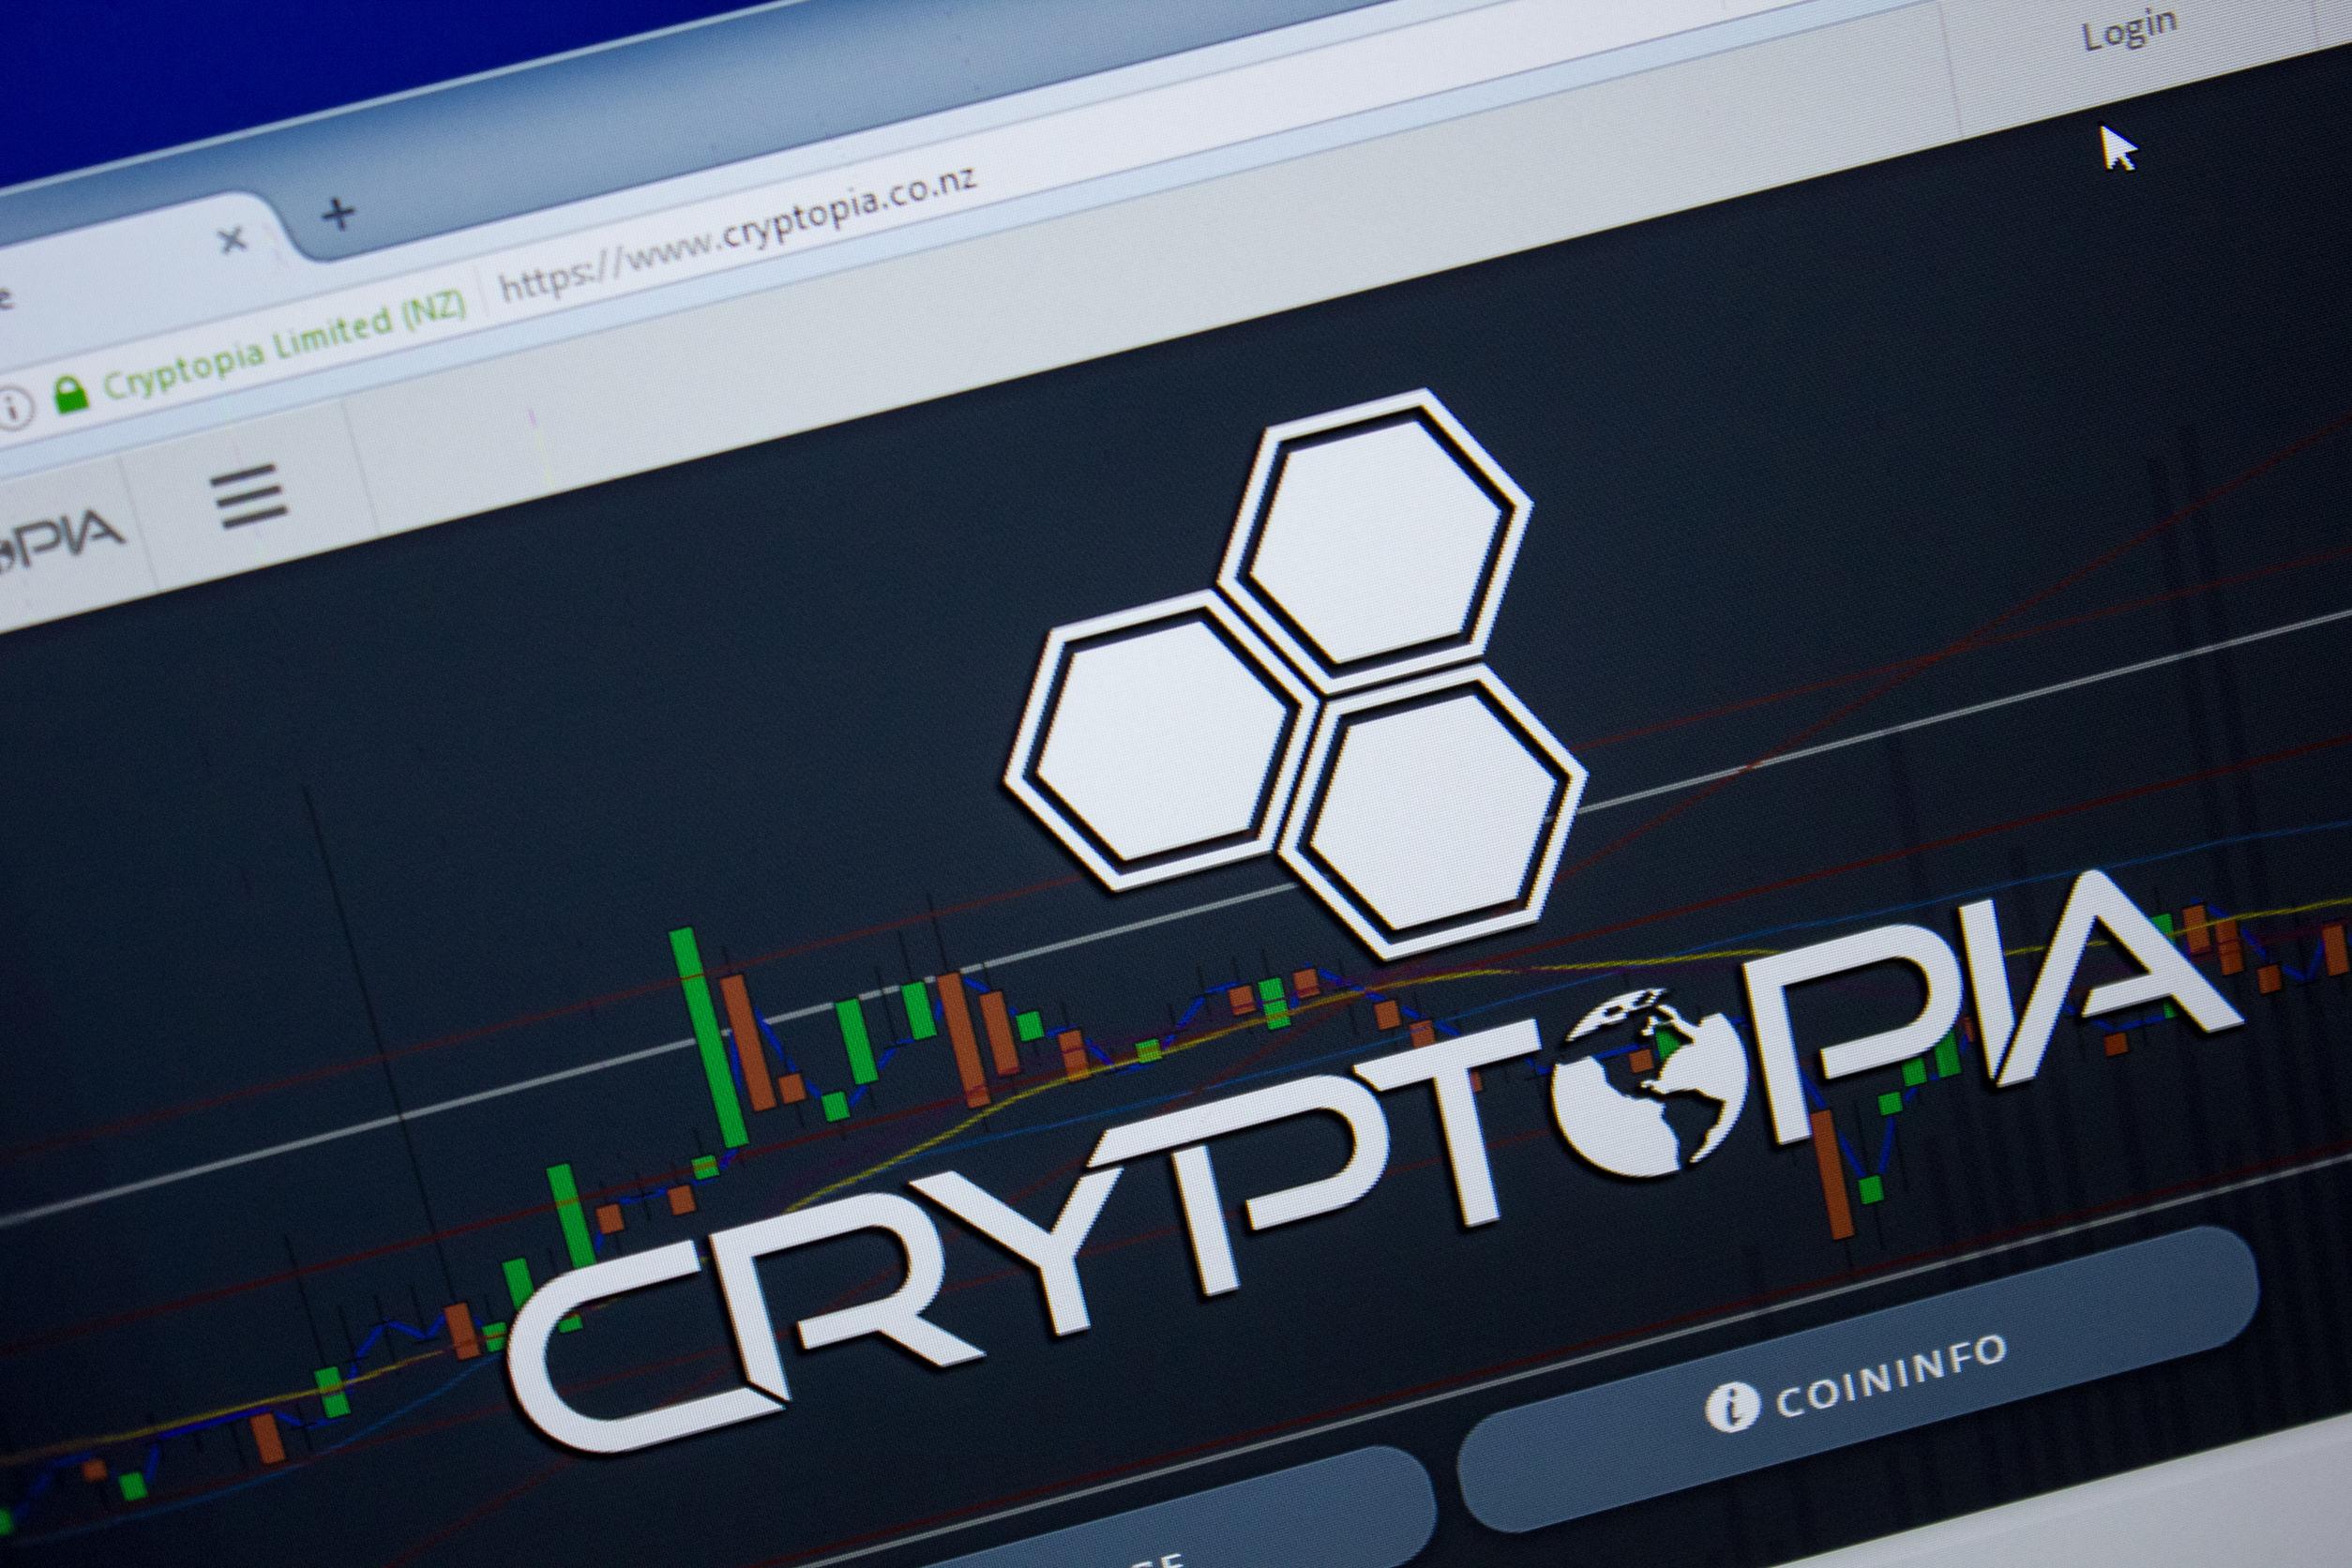 Cryptopia perdeu US$ 16 milhões em ataque hacker